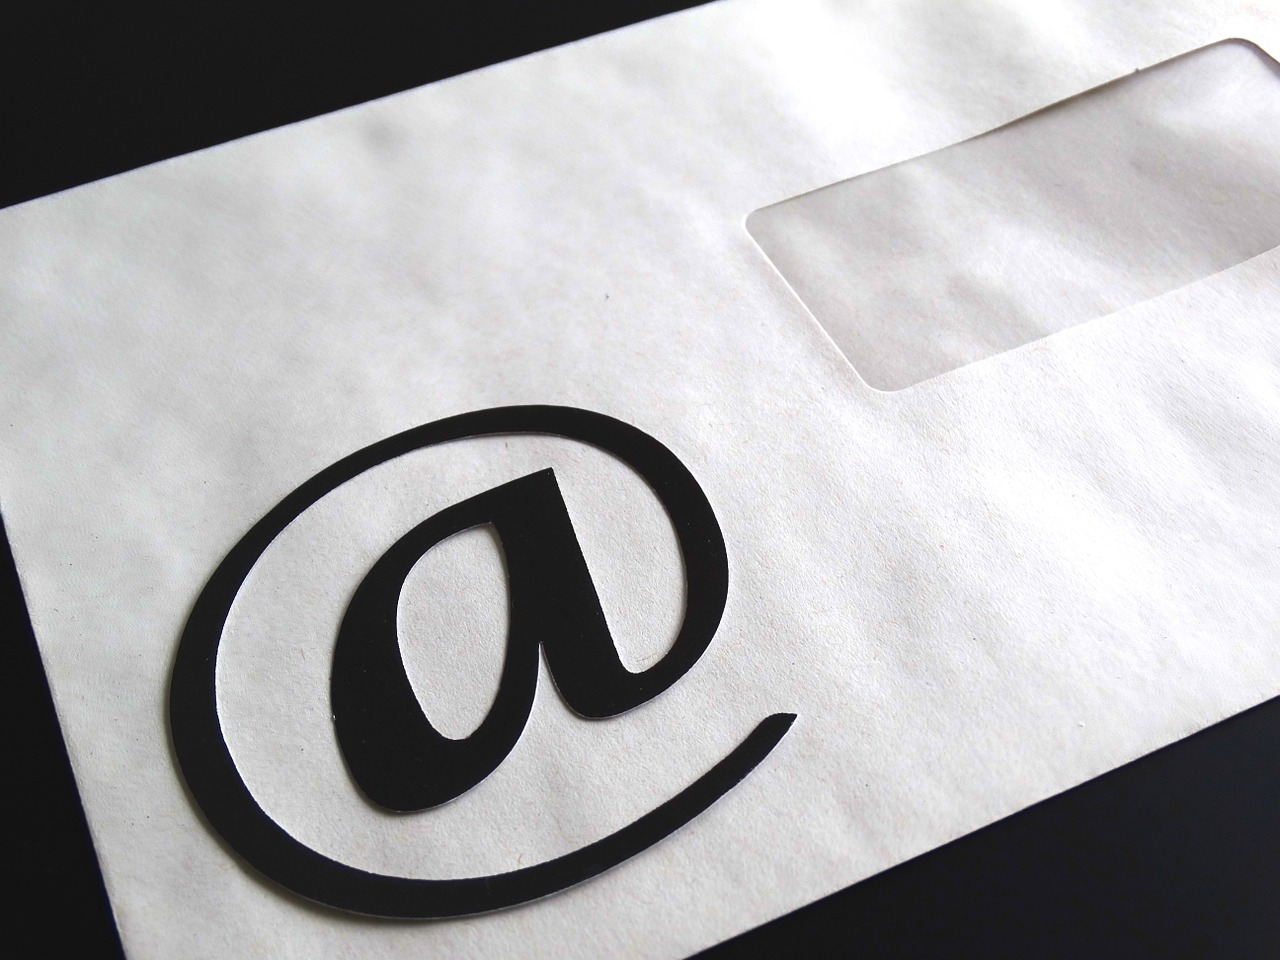 Gmailアカウント1つで受信用メールアドレスを無限に増やす方法